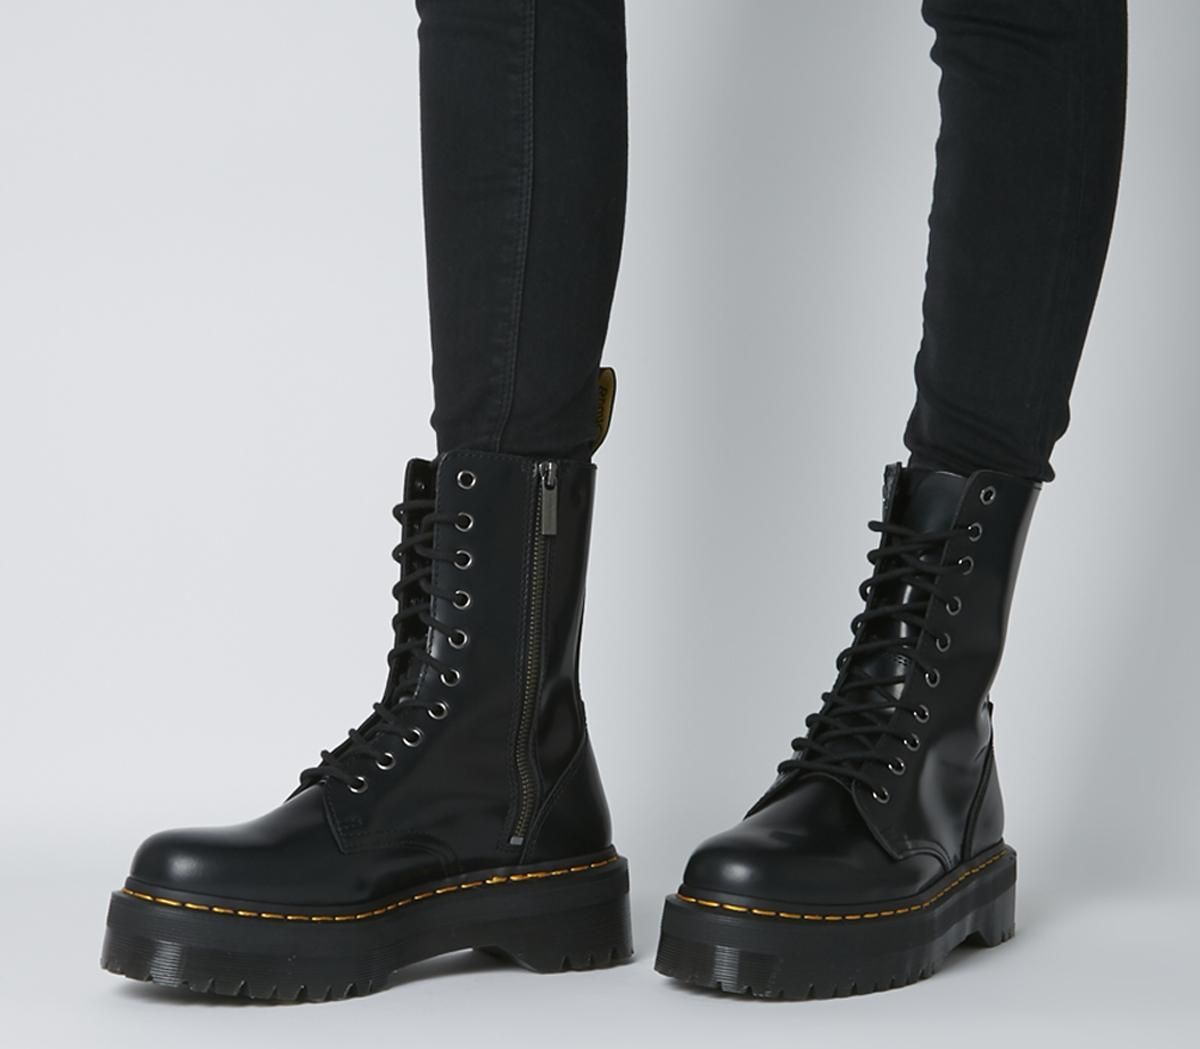 Dr. Martens Jadon Hi Boots Black